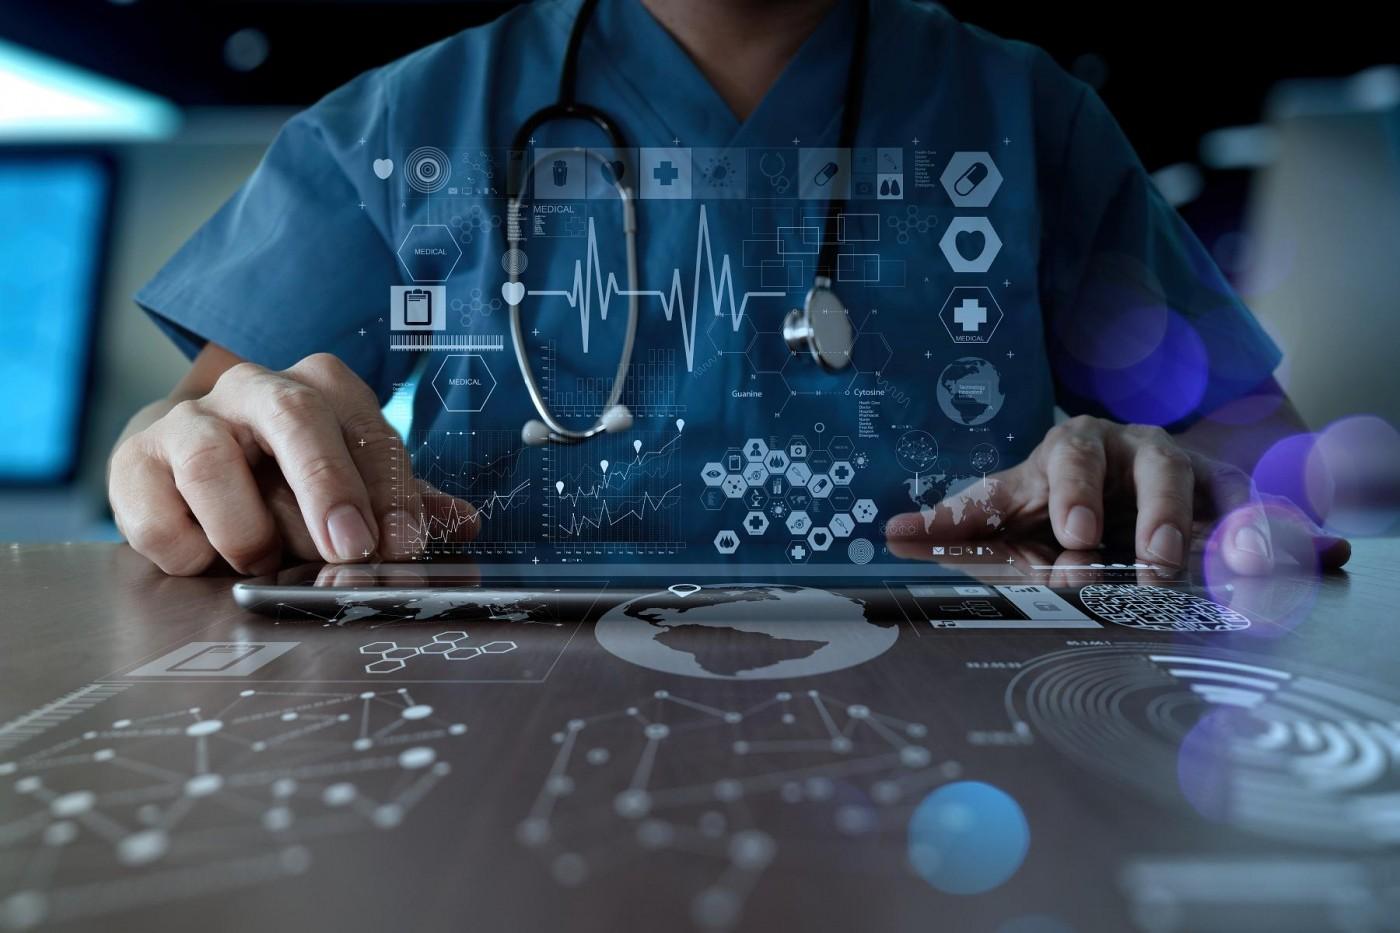 人工智慧襲向醫學領域,美國政府決定成立特別小組監管